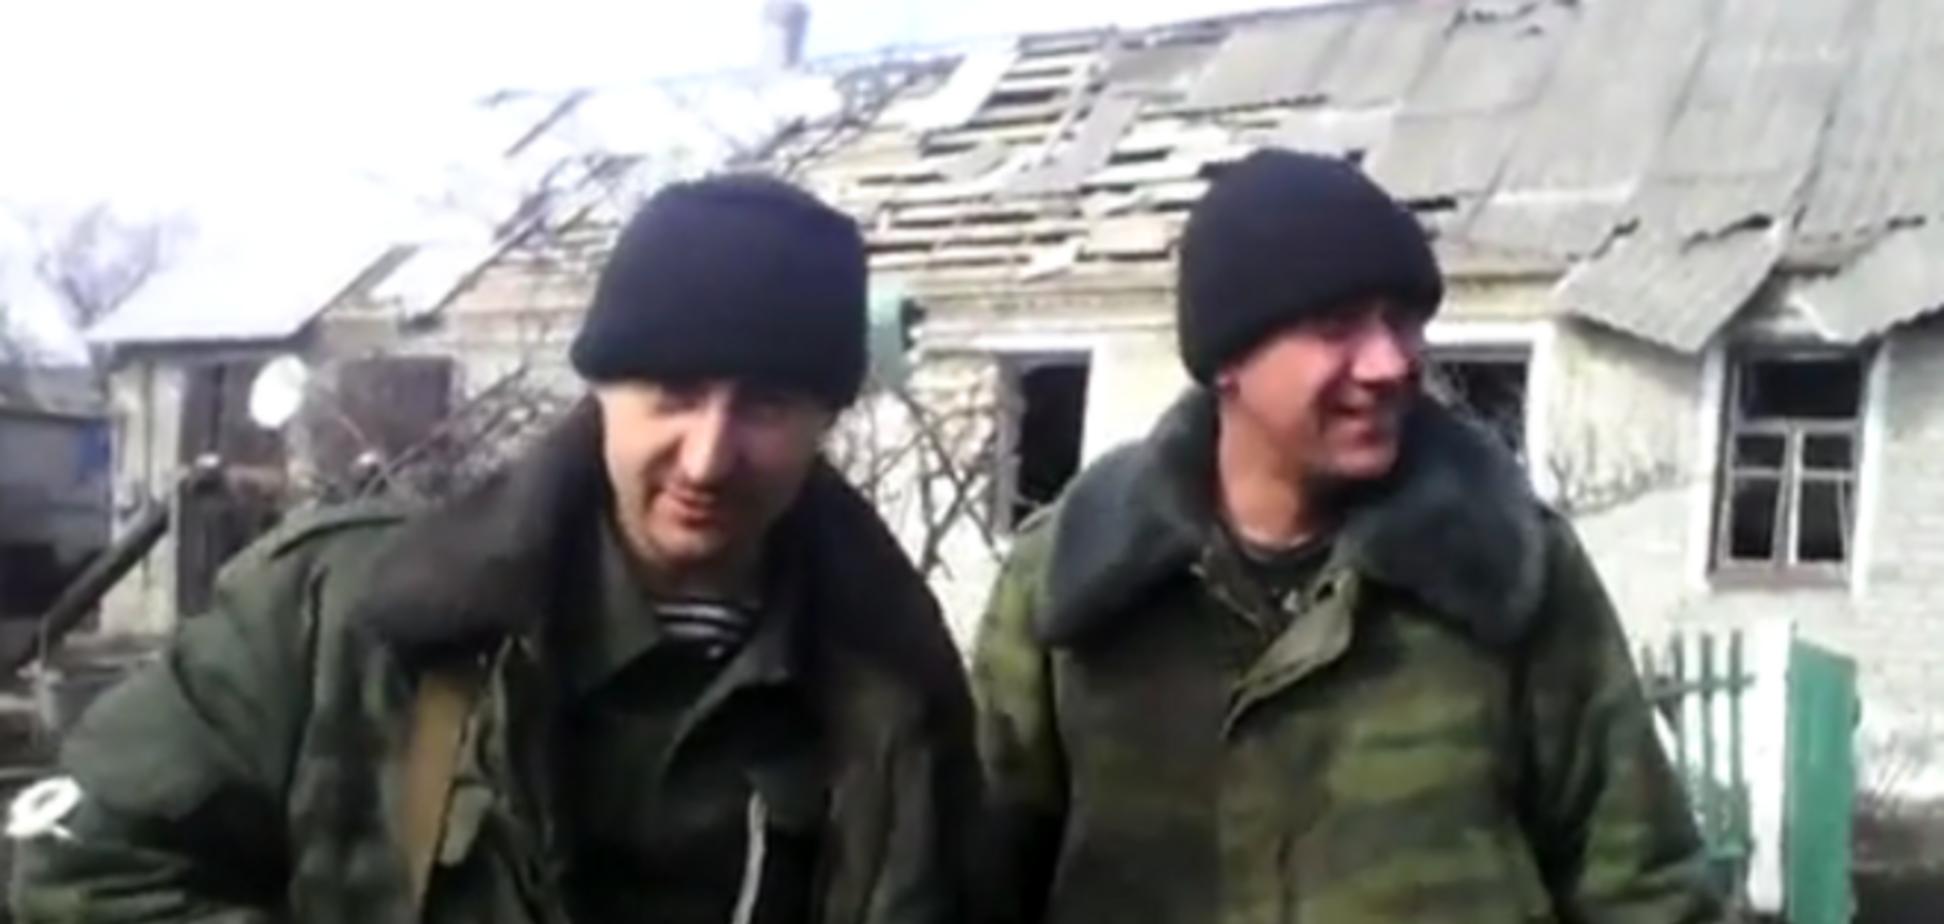 'От Дебальцево осталось одно *бальцево': боевики на видео грозят сделать из Киева разбитую деревню